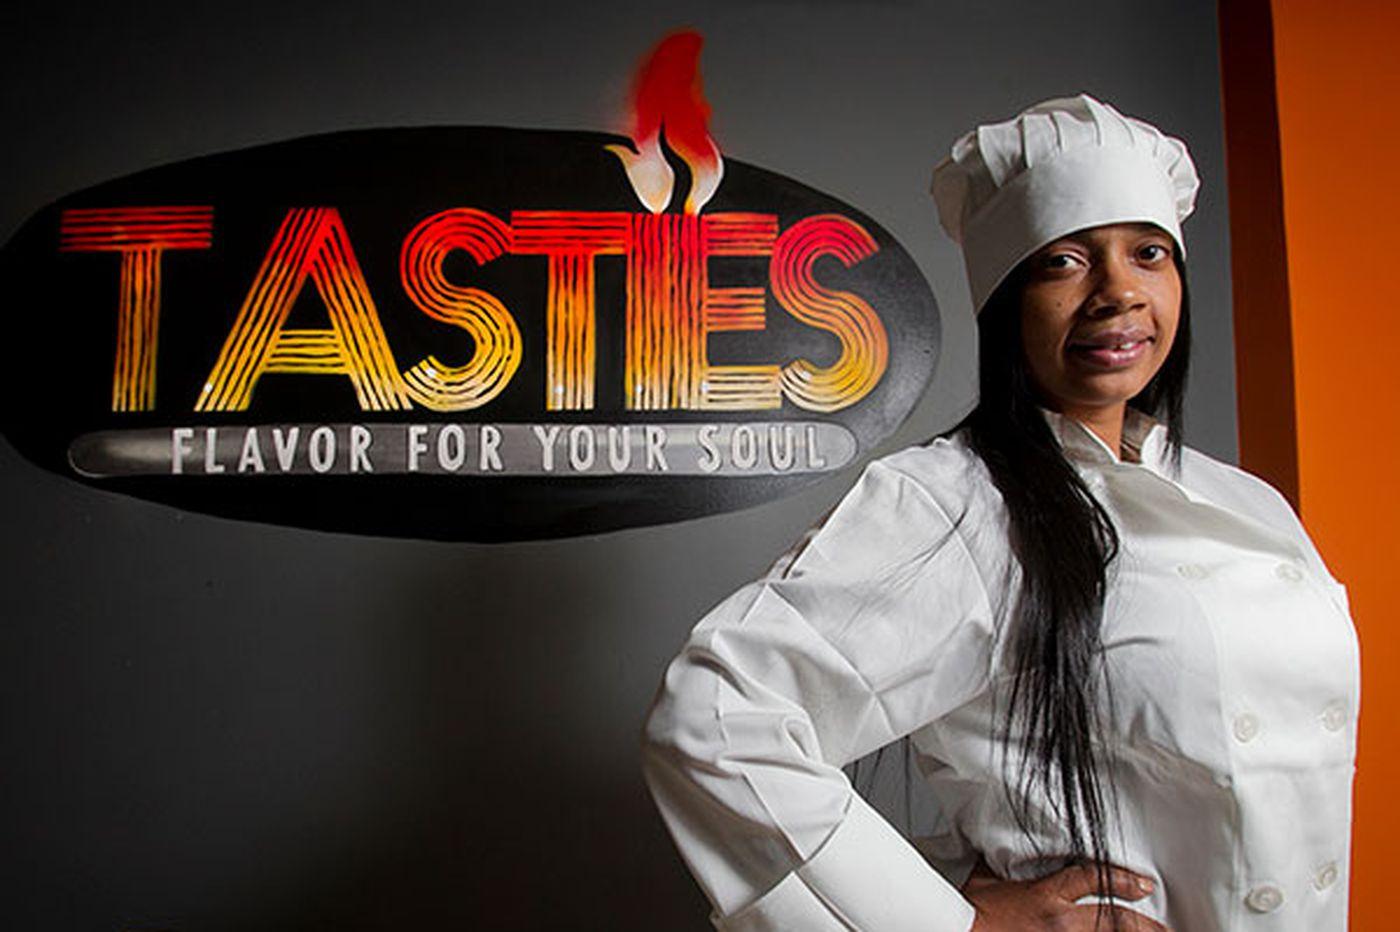 Owner of Tasties, a soul-food restaurant, has big plans